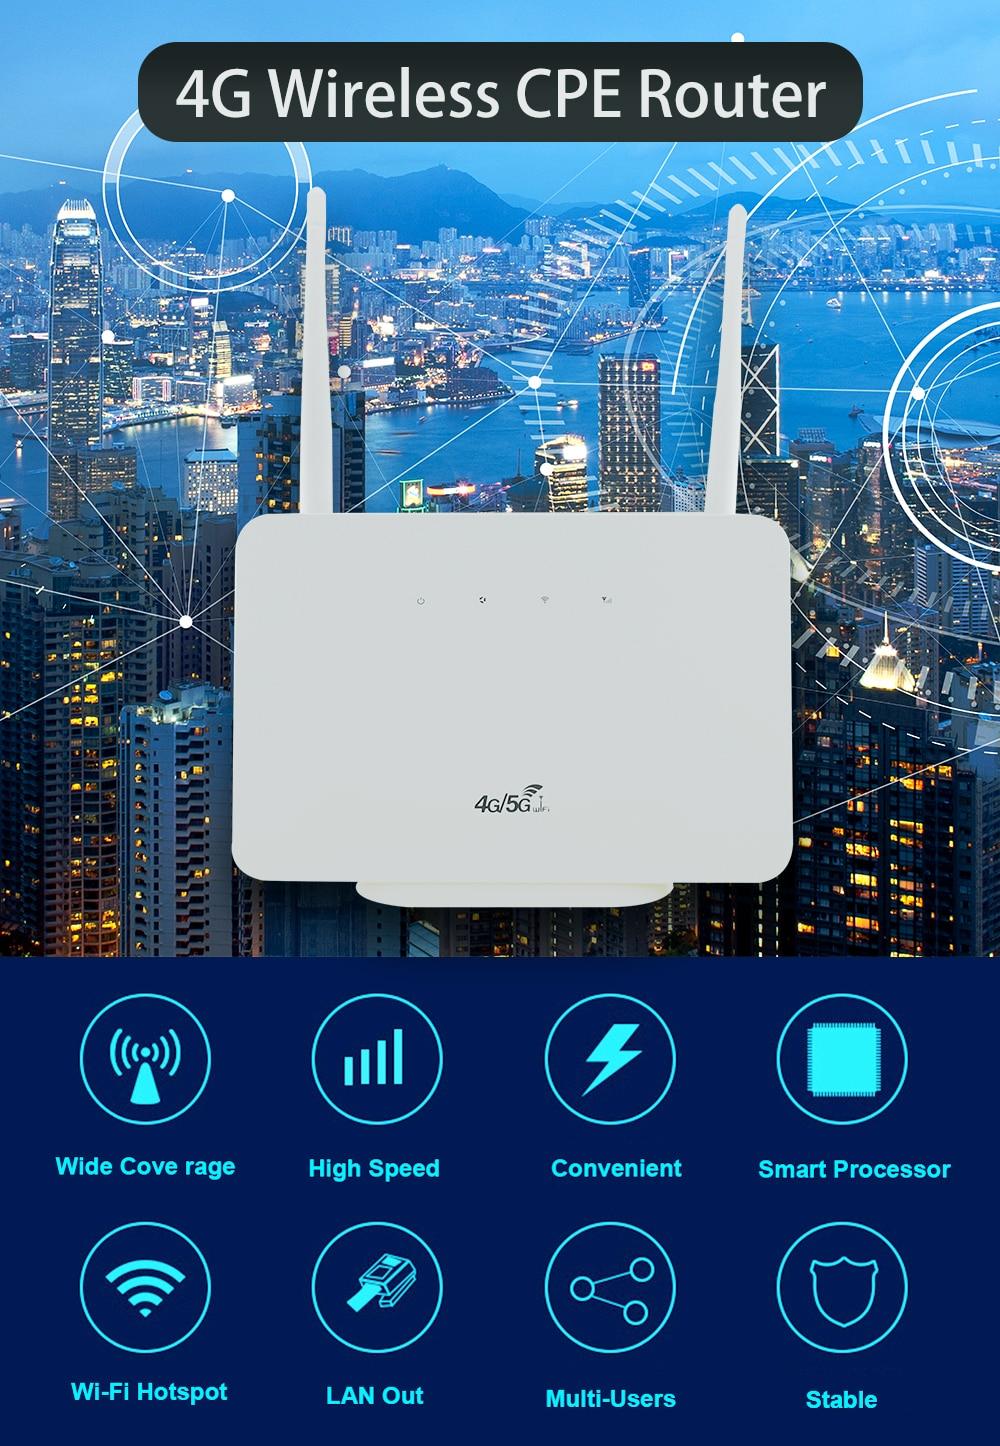 modem desbloqueado 3g 4g cat4 lte wifi roteador cpe home antena dupla porta de lan